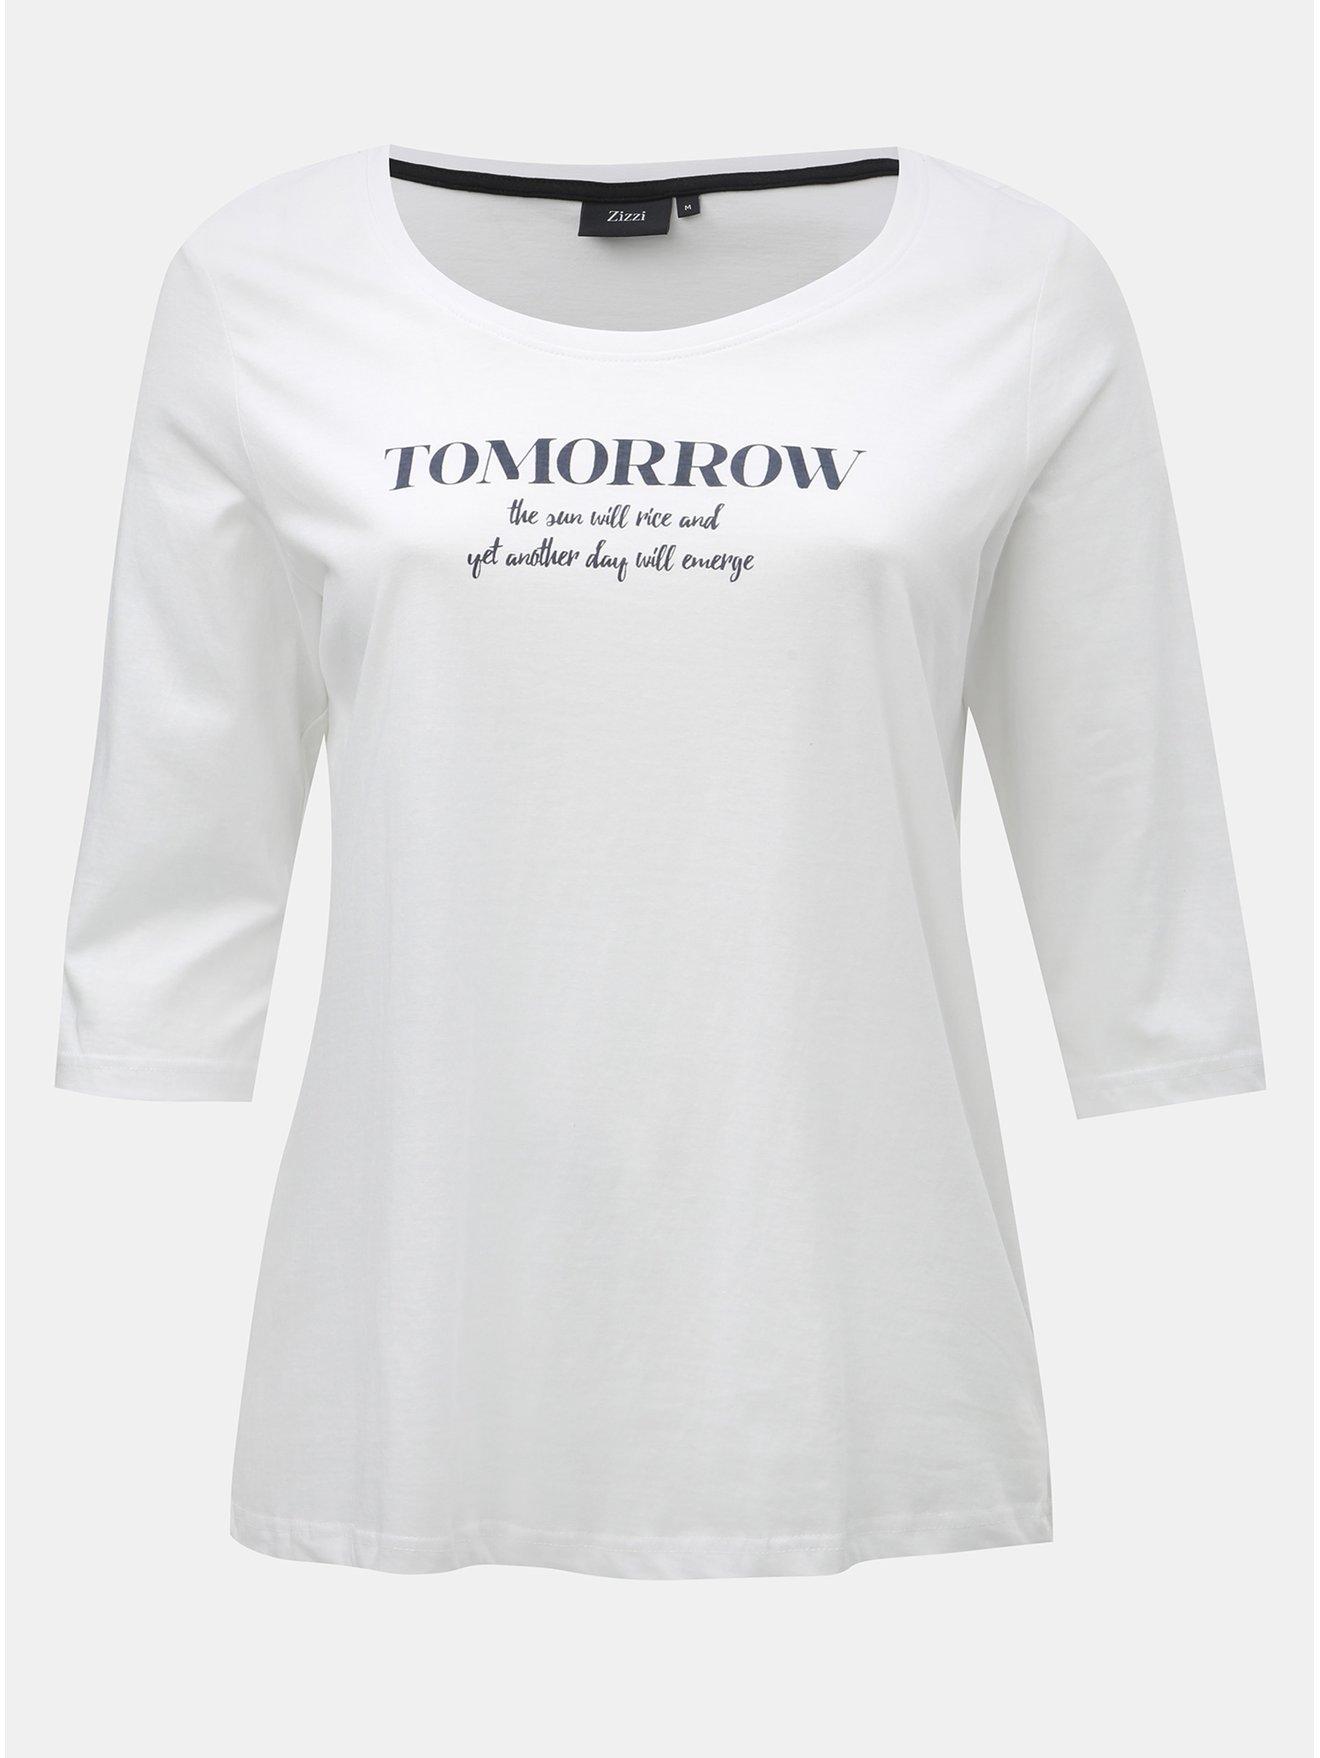 Bílé tričko s potiskem a 3 4 rukávem Zizzi 043df81ca15